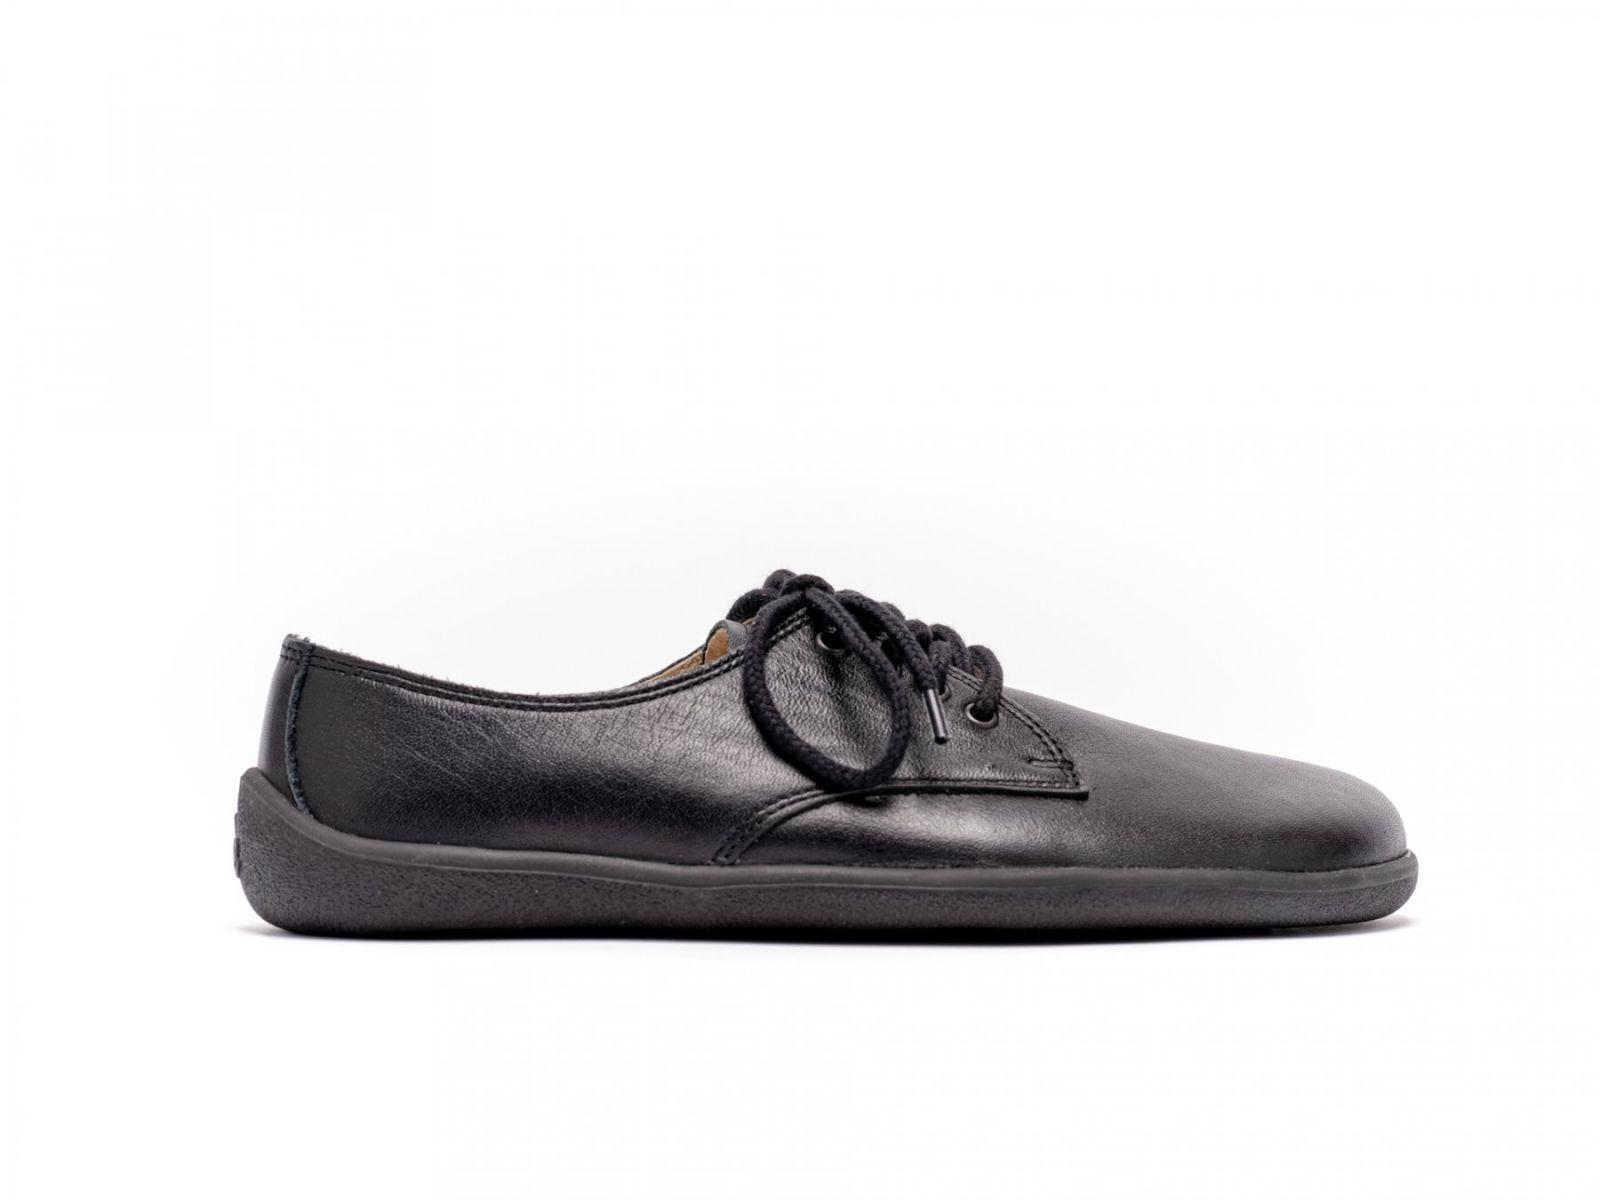 Barefoot Barefoot boty Be Lenka City - Black bosá